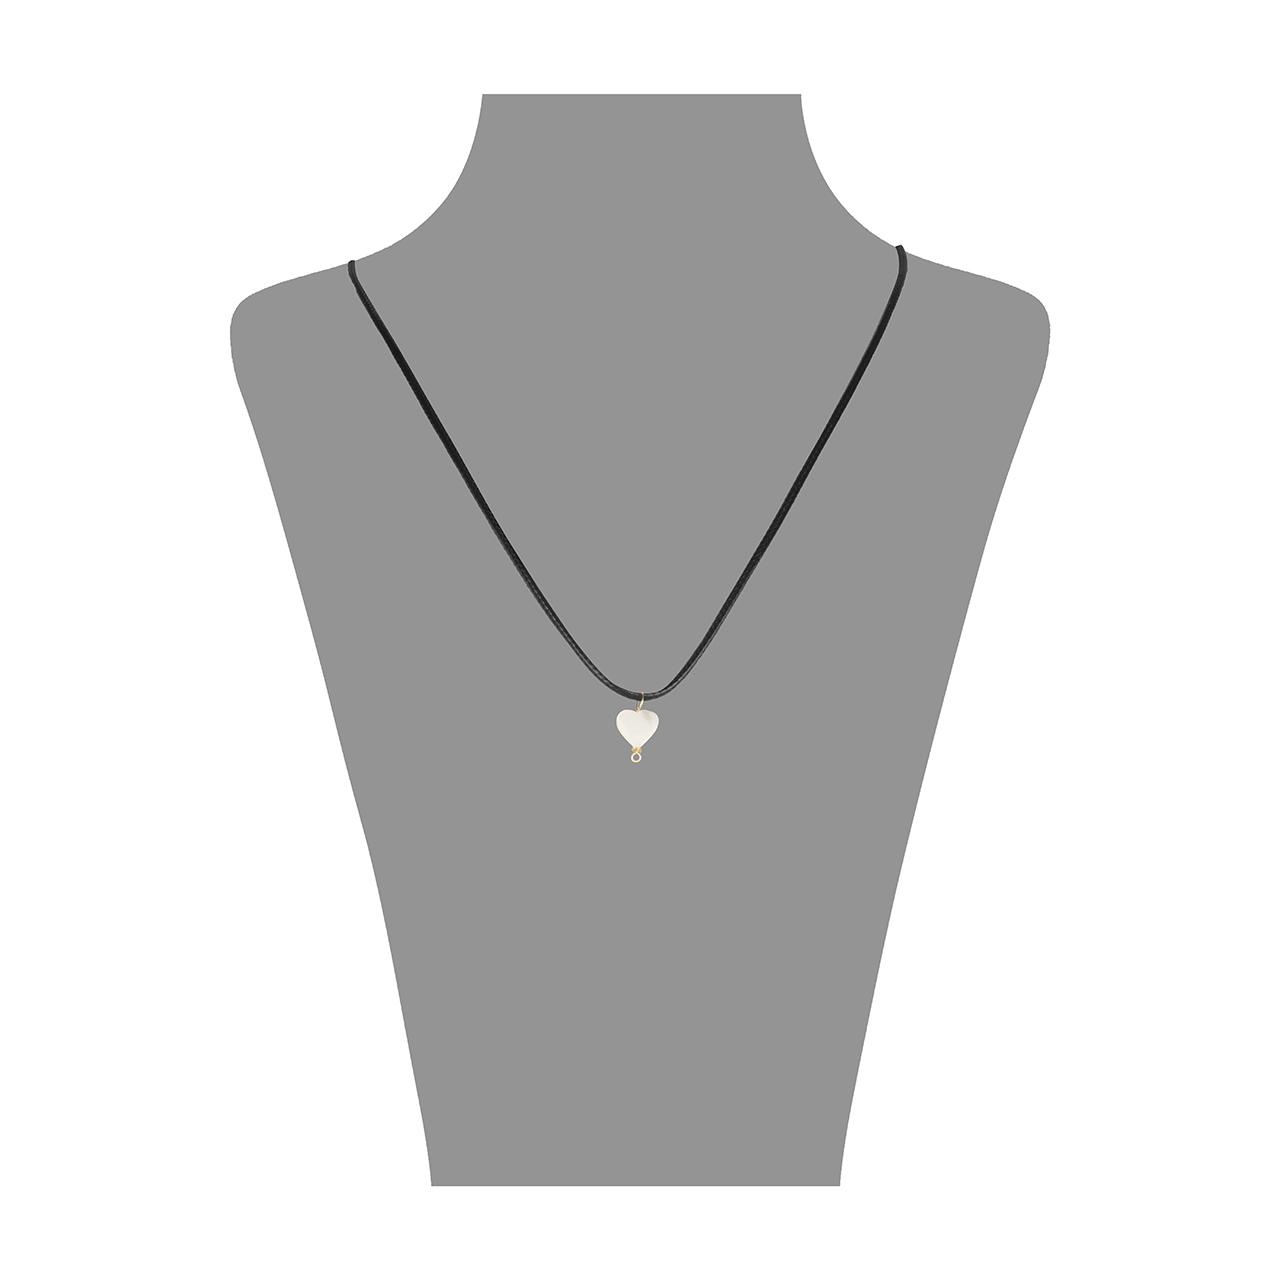 قیمت گردنبند طلا 18 عیار زنانه مایا ماهک مدل MM0888